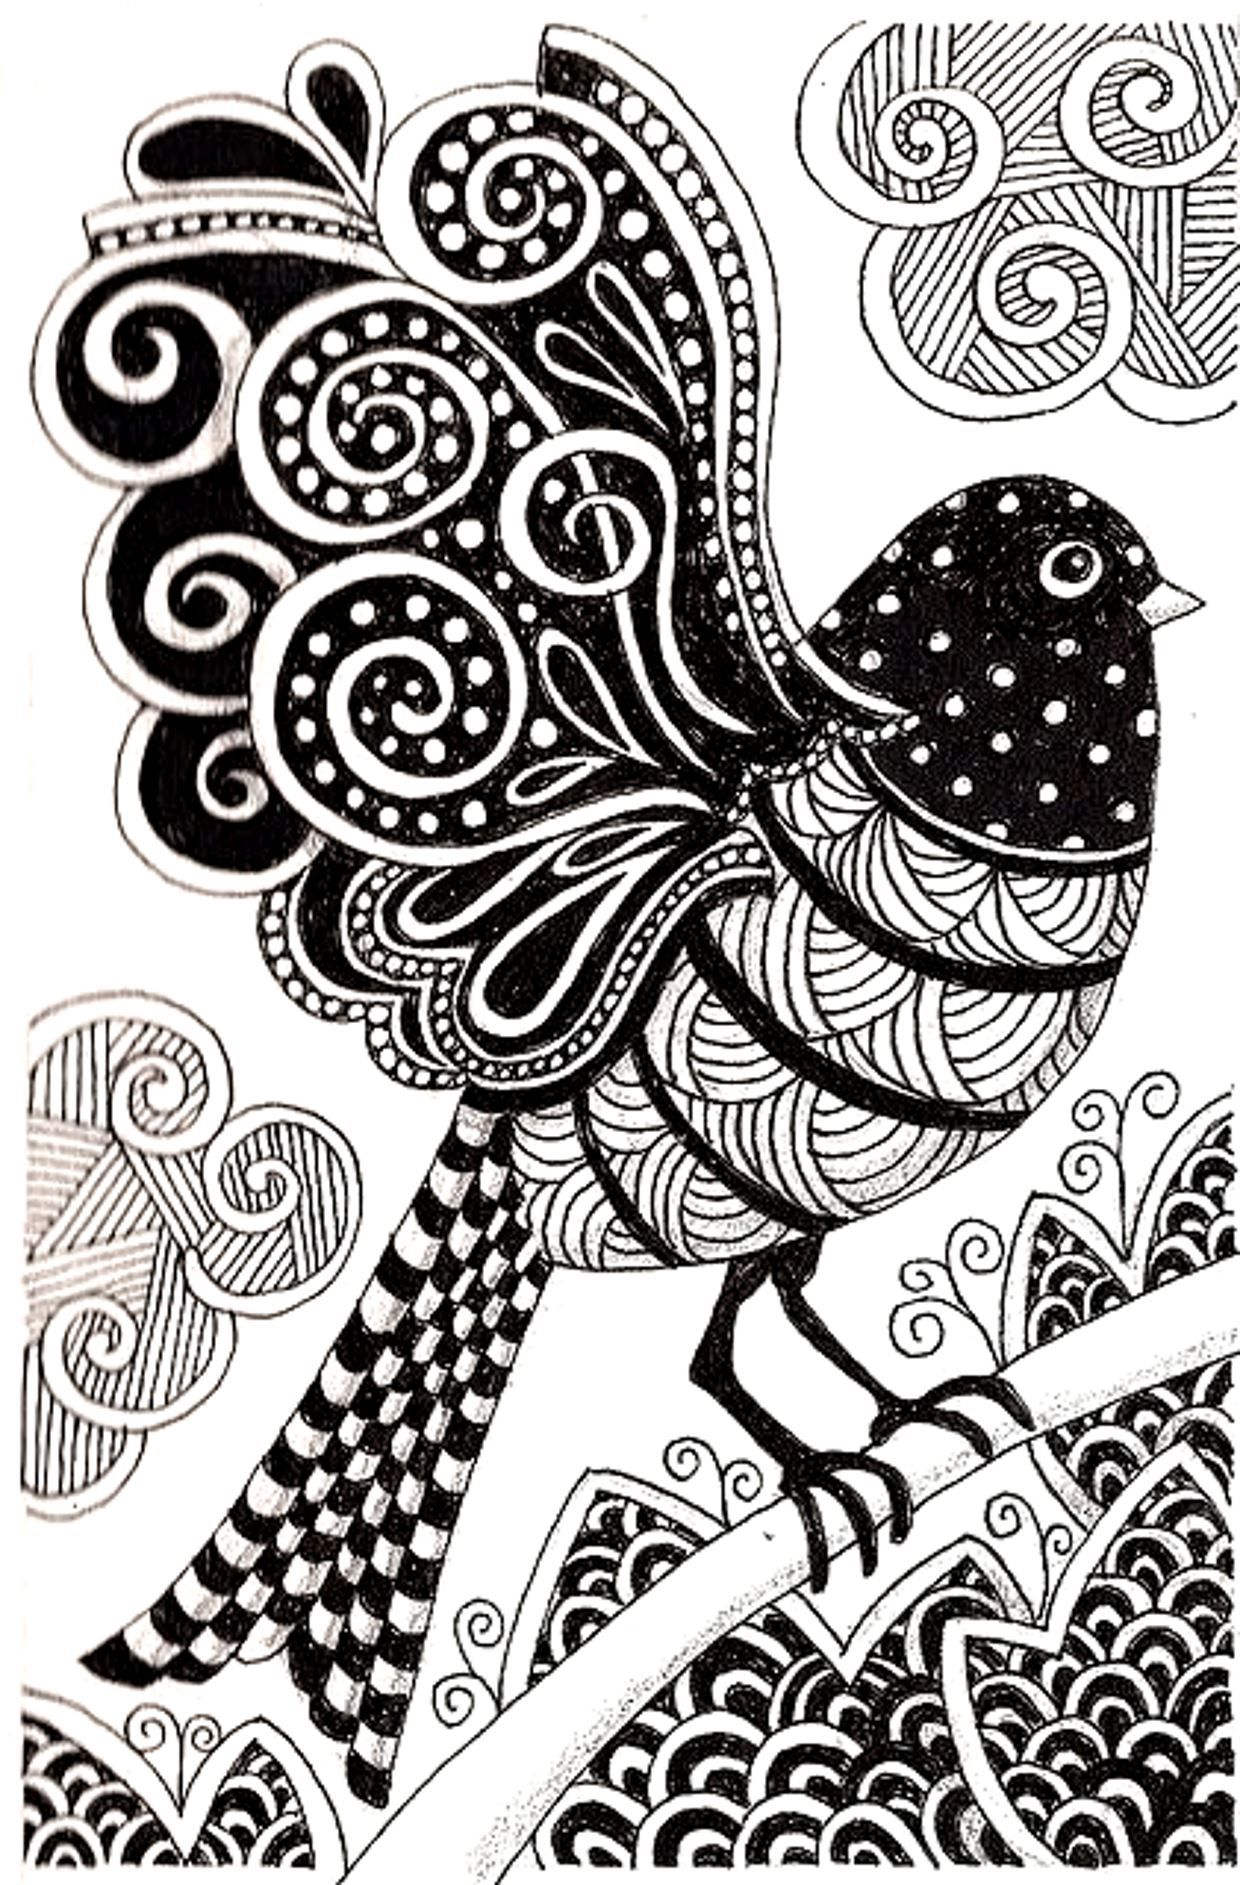 Galerie de coloriages gratuits coloriage adulte oiseau - Dessin sombre ...